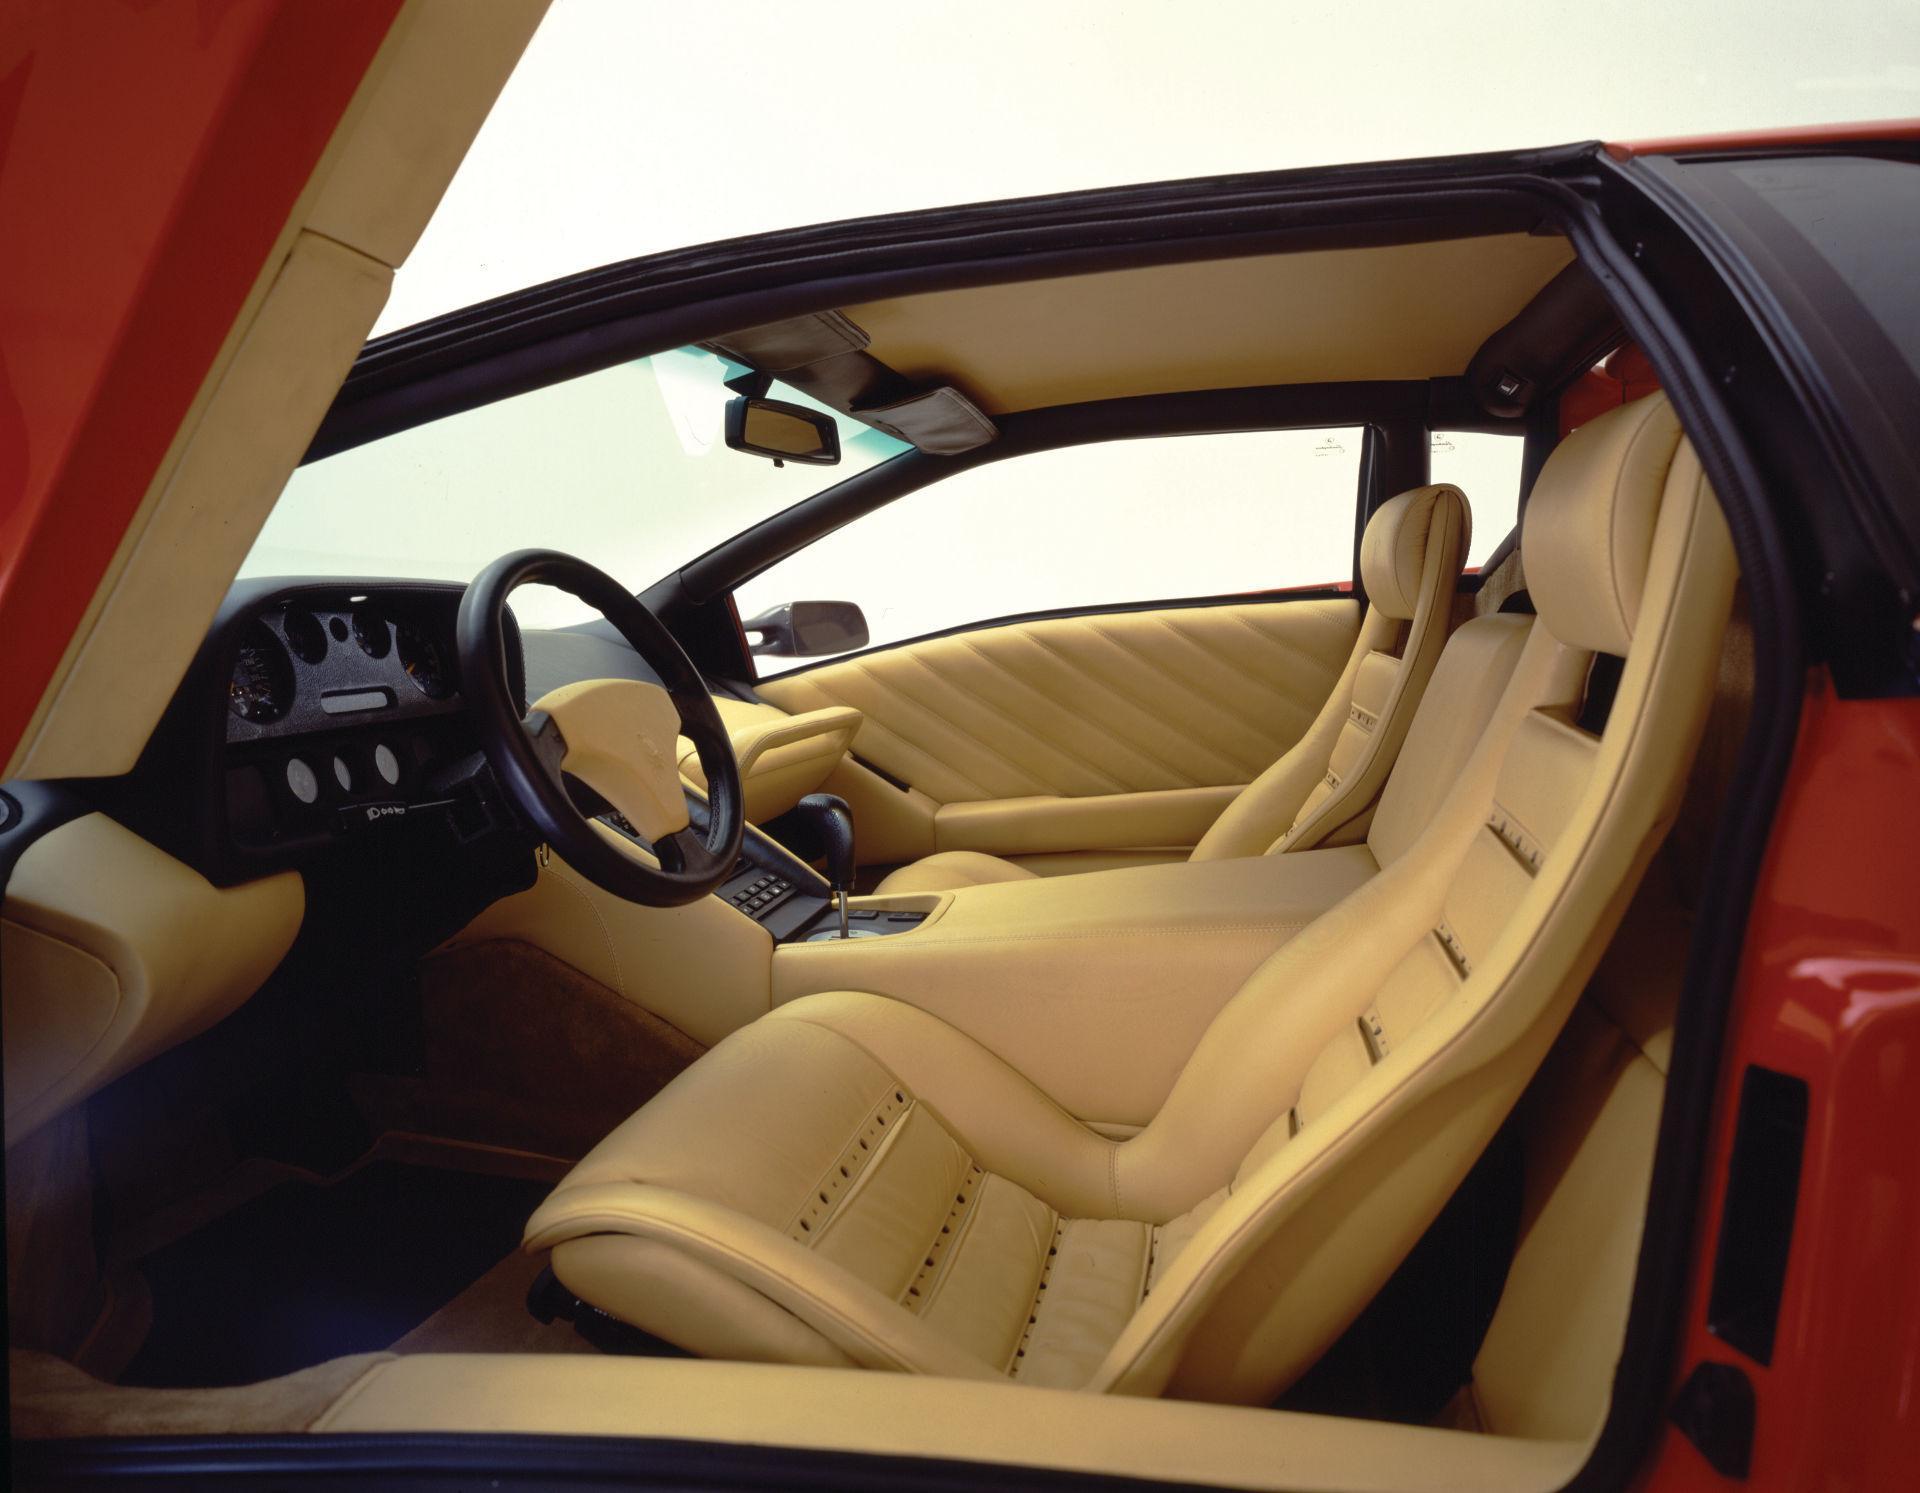 Lamborghini Diablo 6.0 2001 Innenraum